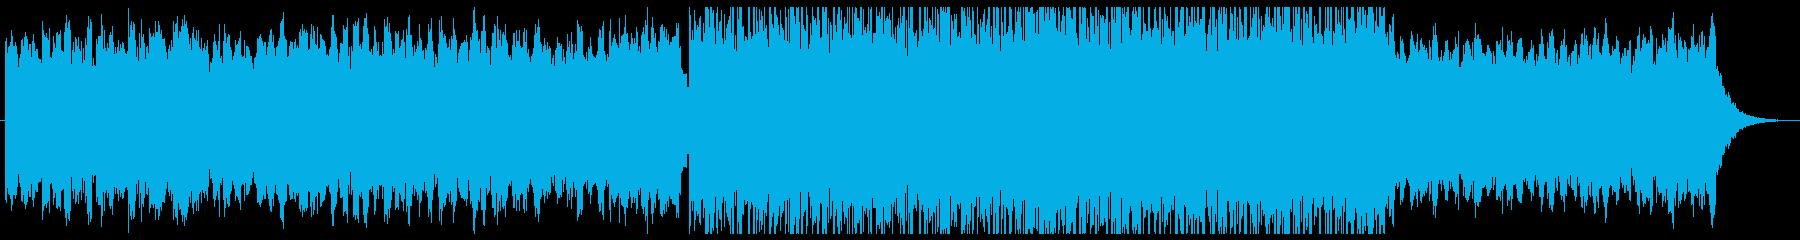 壮大でオリエンタルなシネマティック曲・Hの再生済みの波形